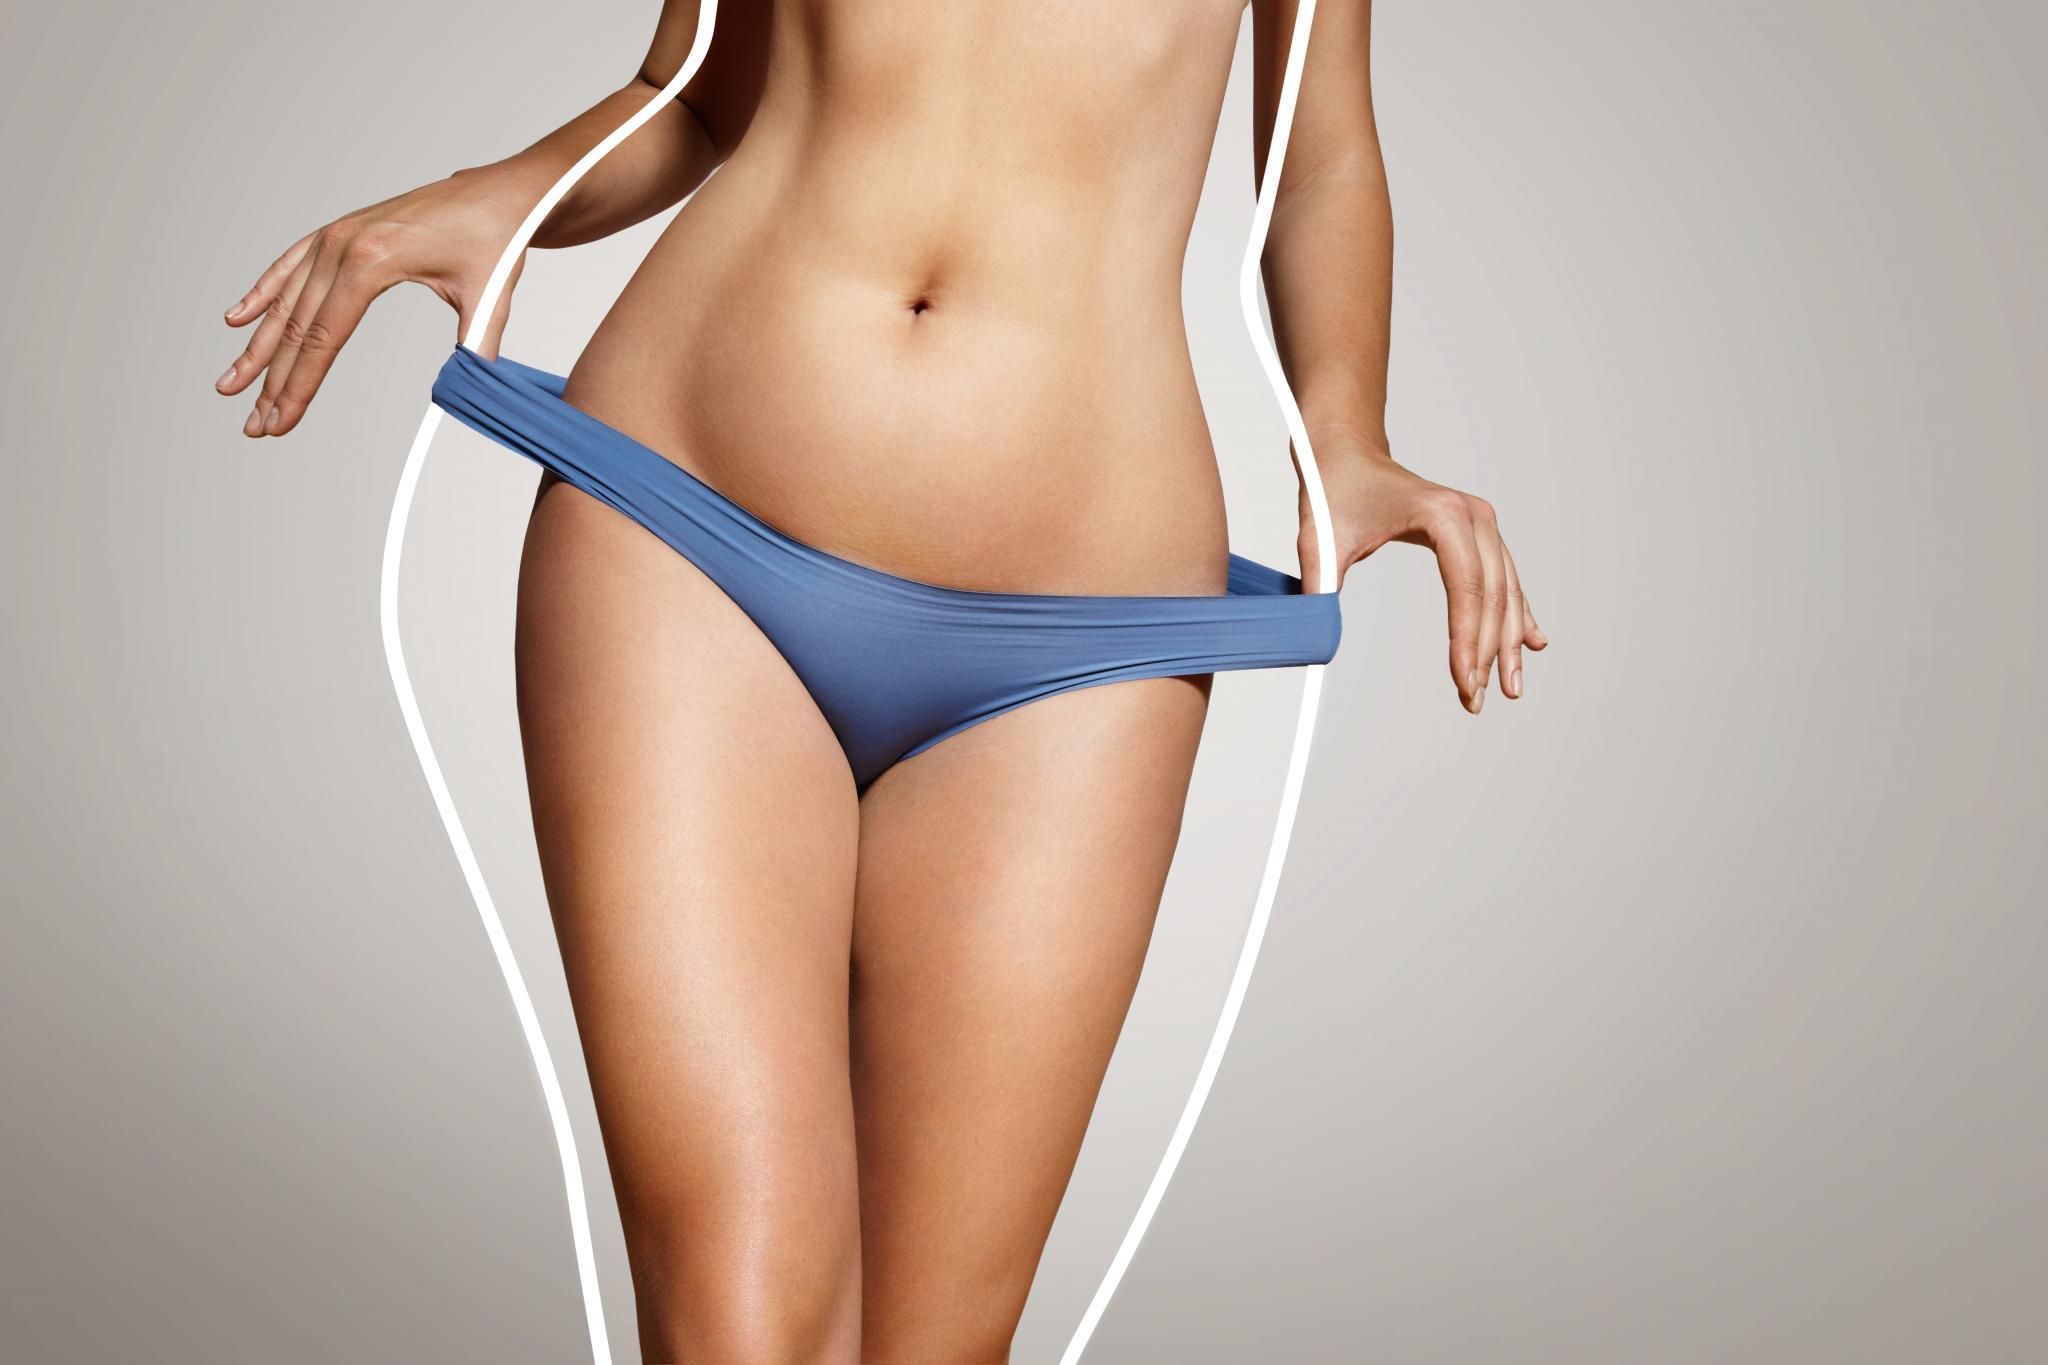 K vnitřním pohlavním orgánům řadíme pochvu (vagina), dělohu (uterus), vejcovody ( pomaleji se smršťují roztažené vnitřní dvě třetiny pochvy do ochablého.